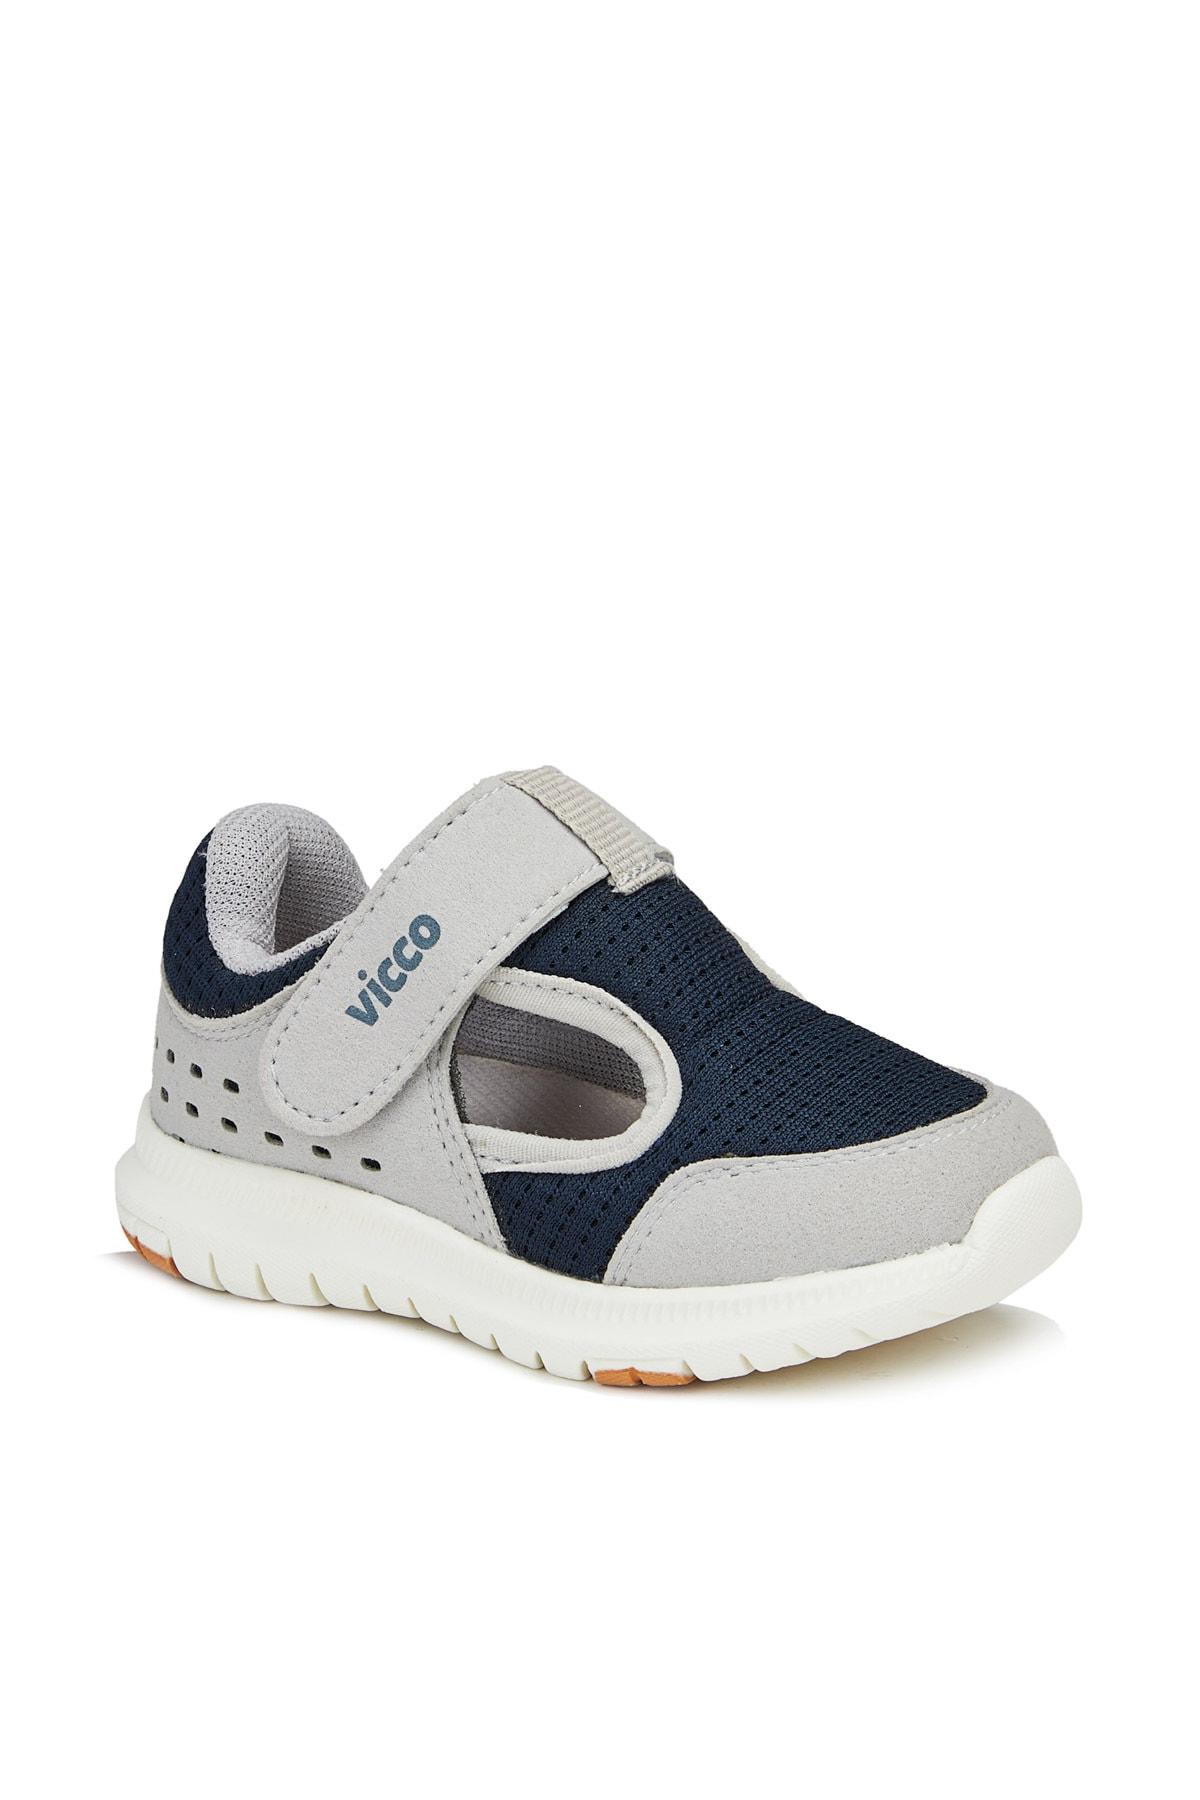 Vicco Teo Erkek Bebe Gri Spor Ayakkabı 1